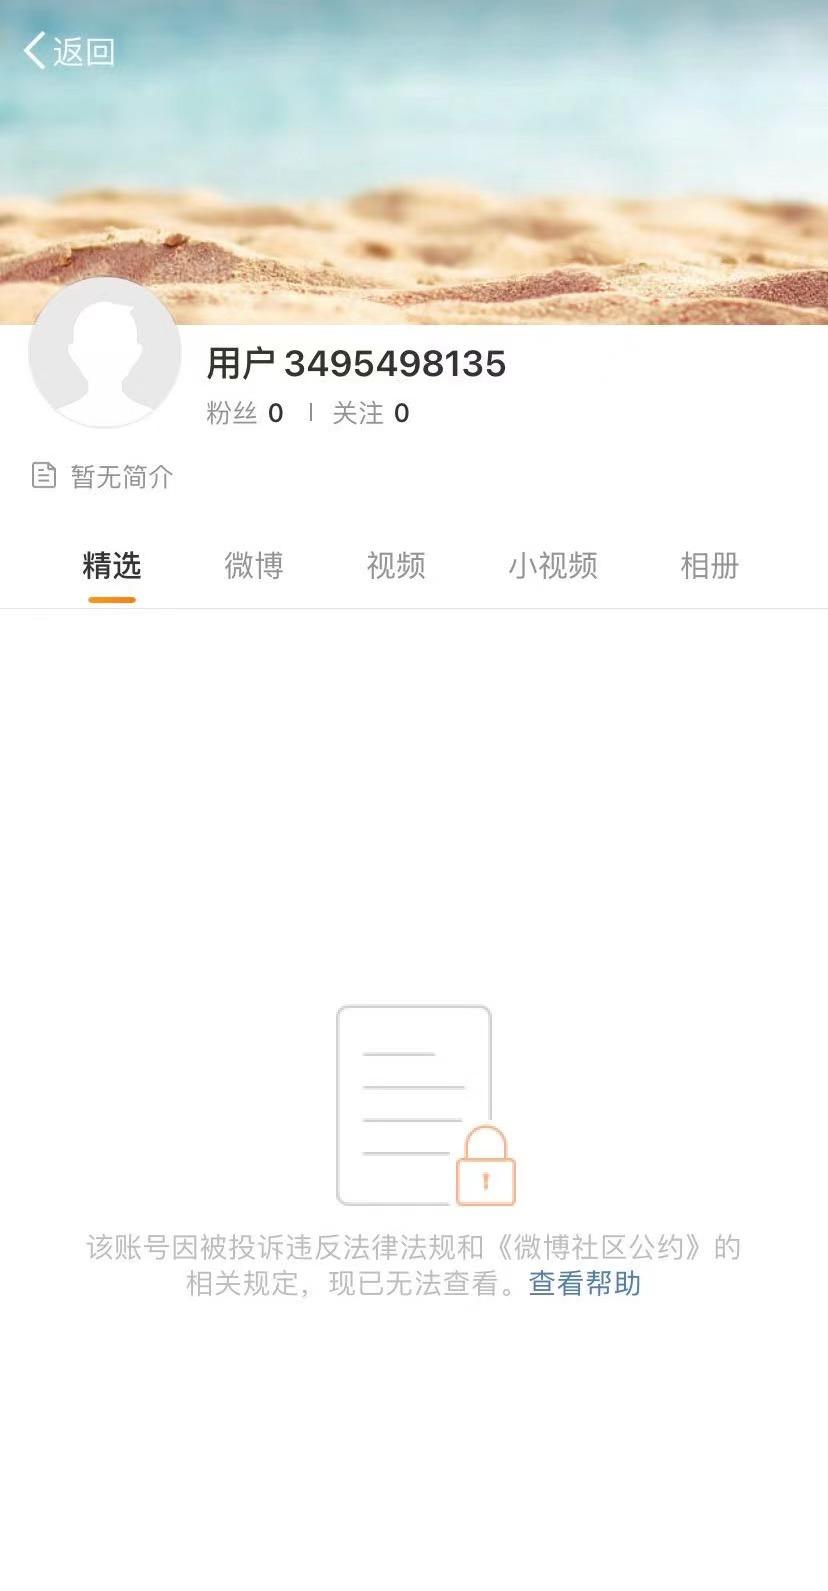 原火币网微博